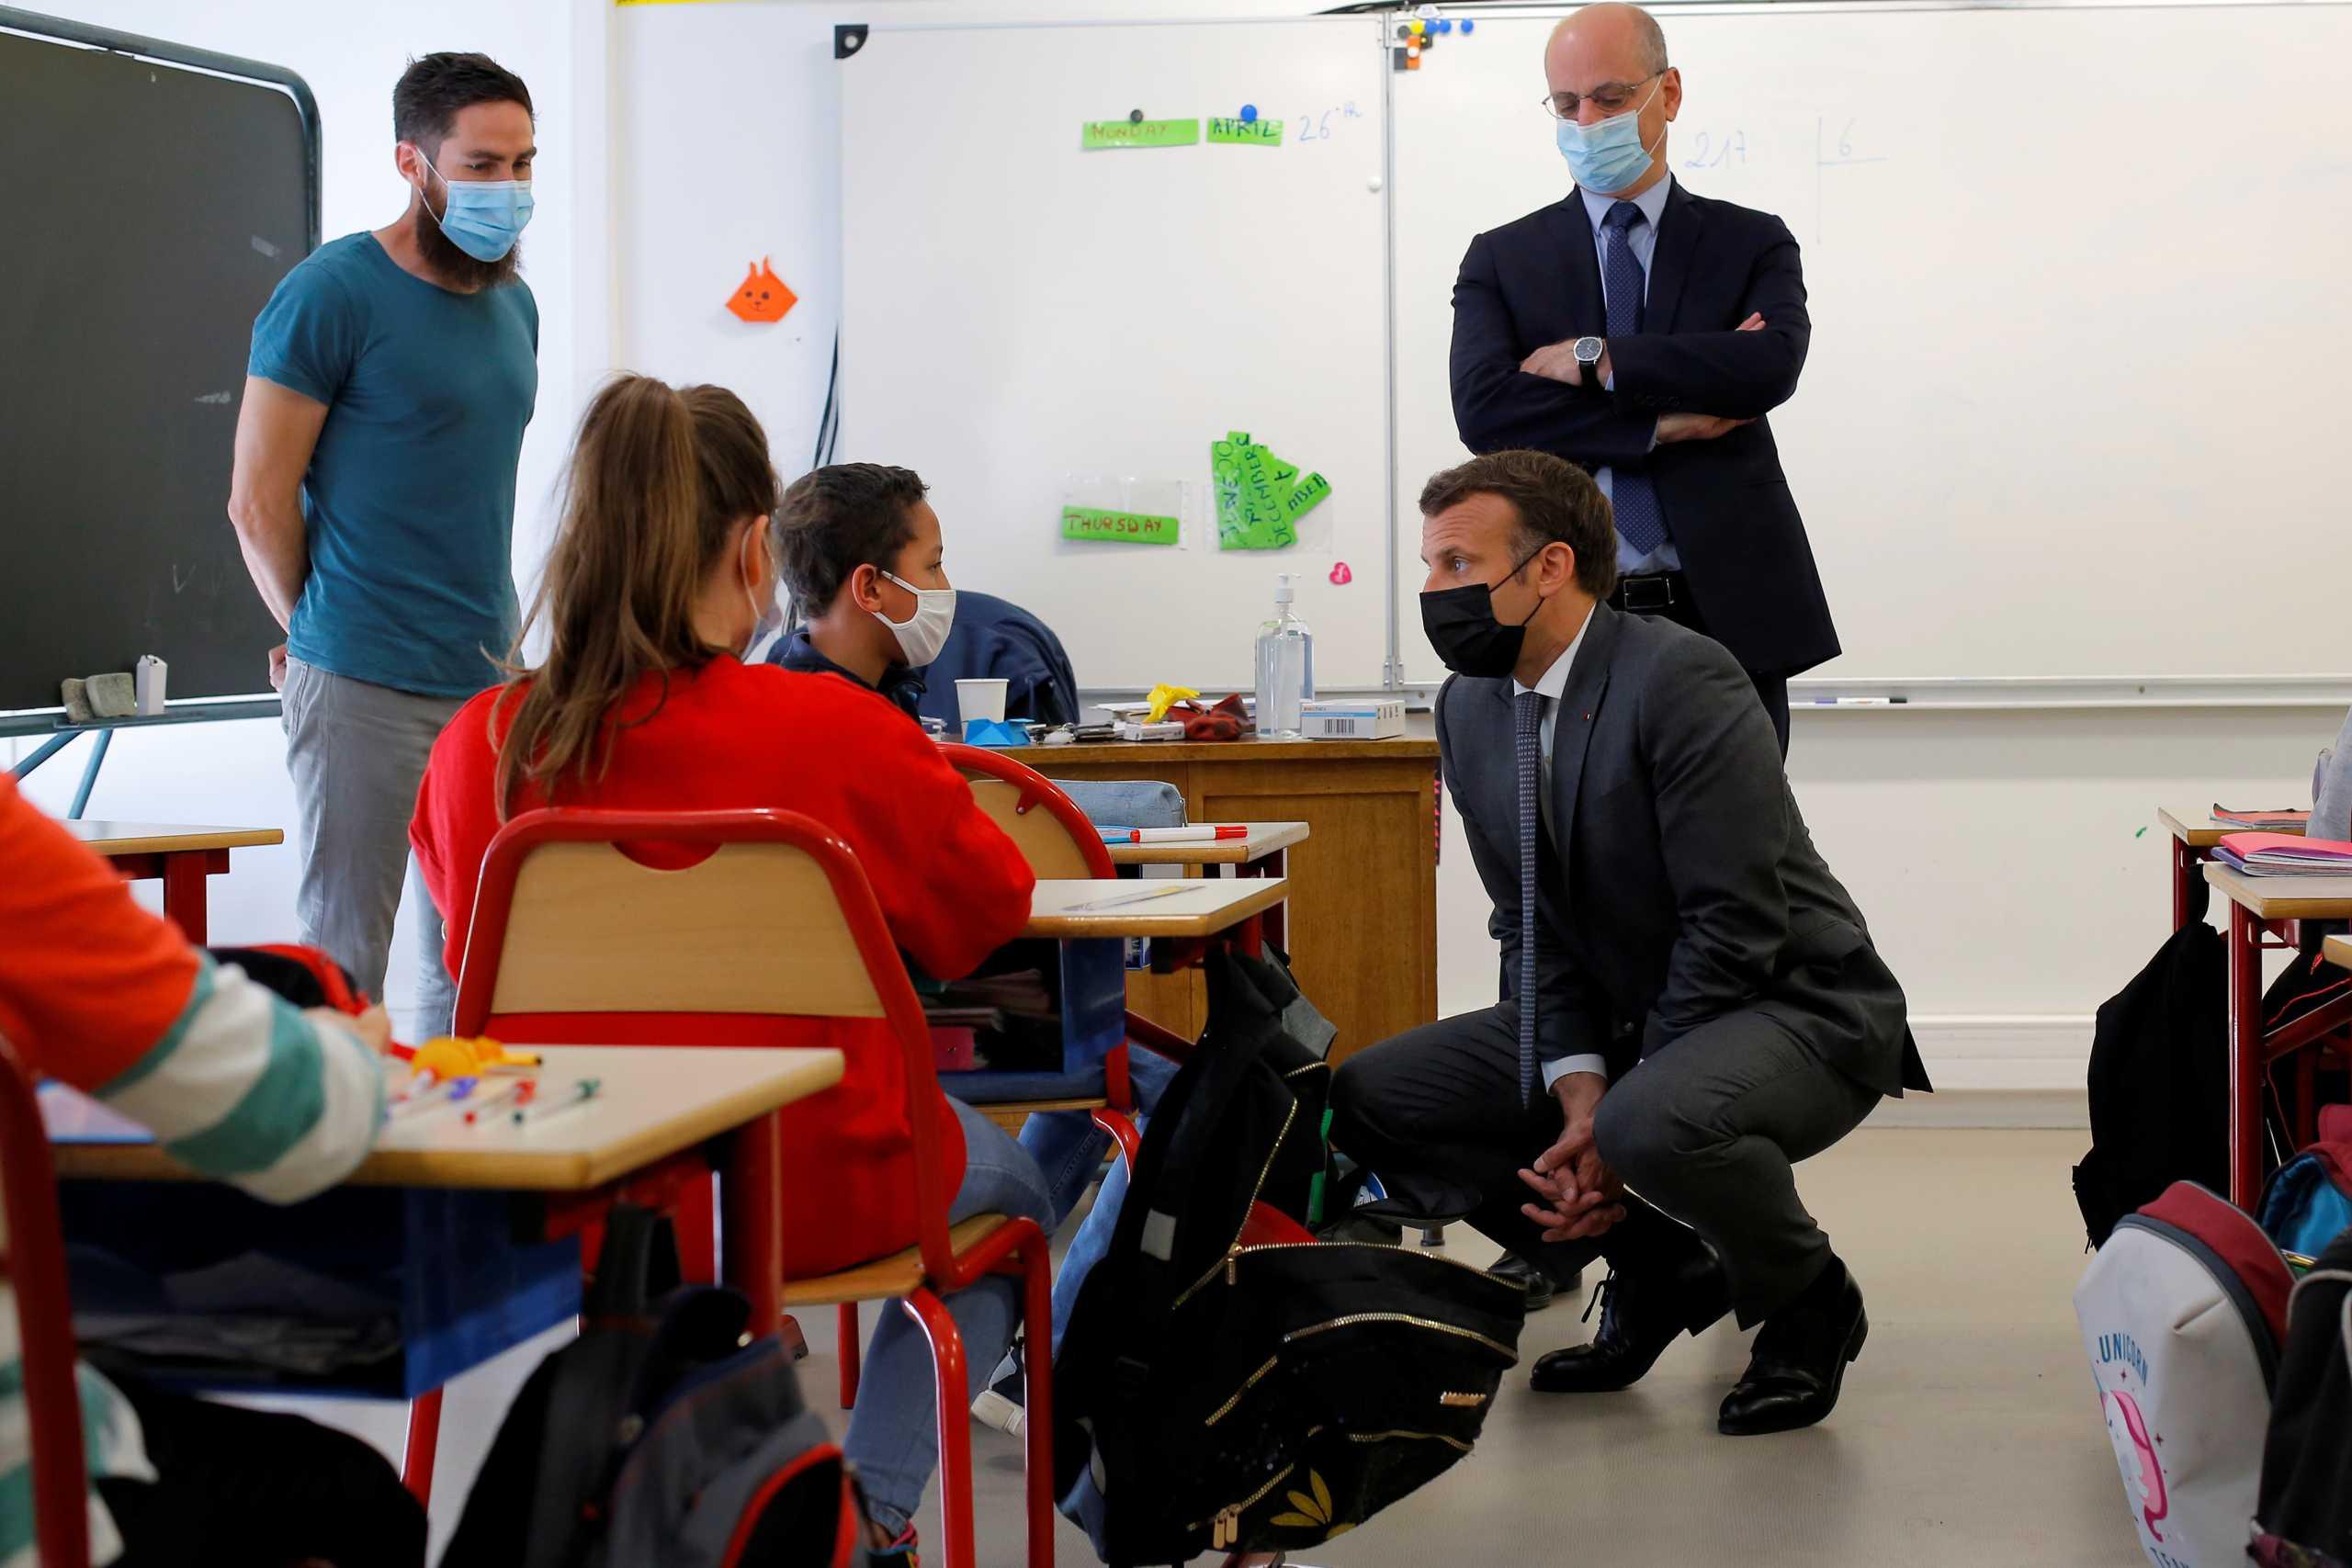 Γαλλία: Επέστρεψαν στις τάξεις τους οι μαθητές του δημοτικού (pics)